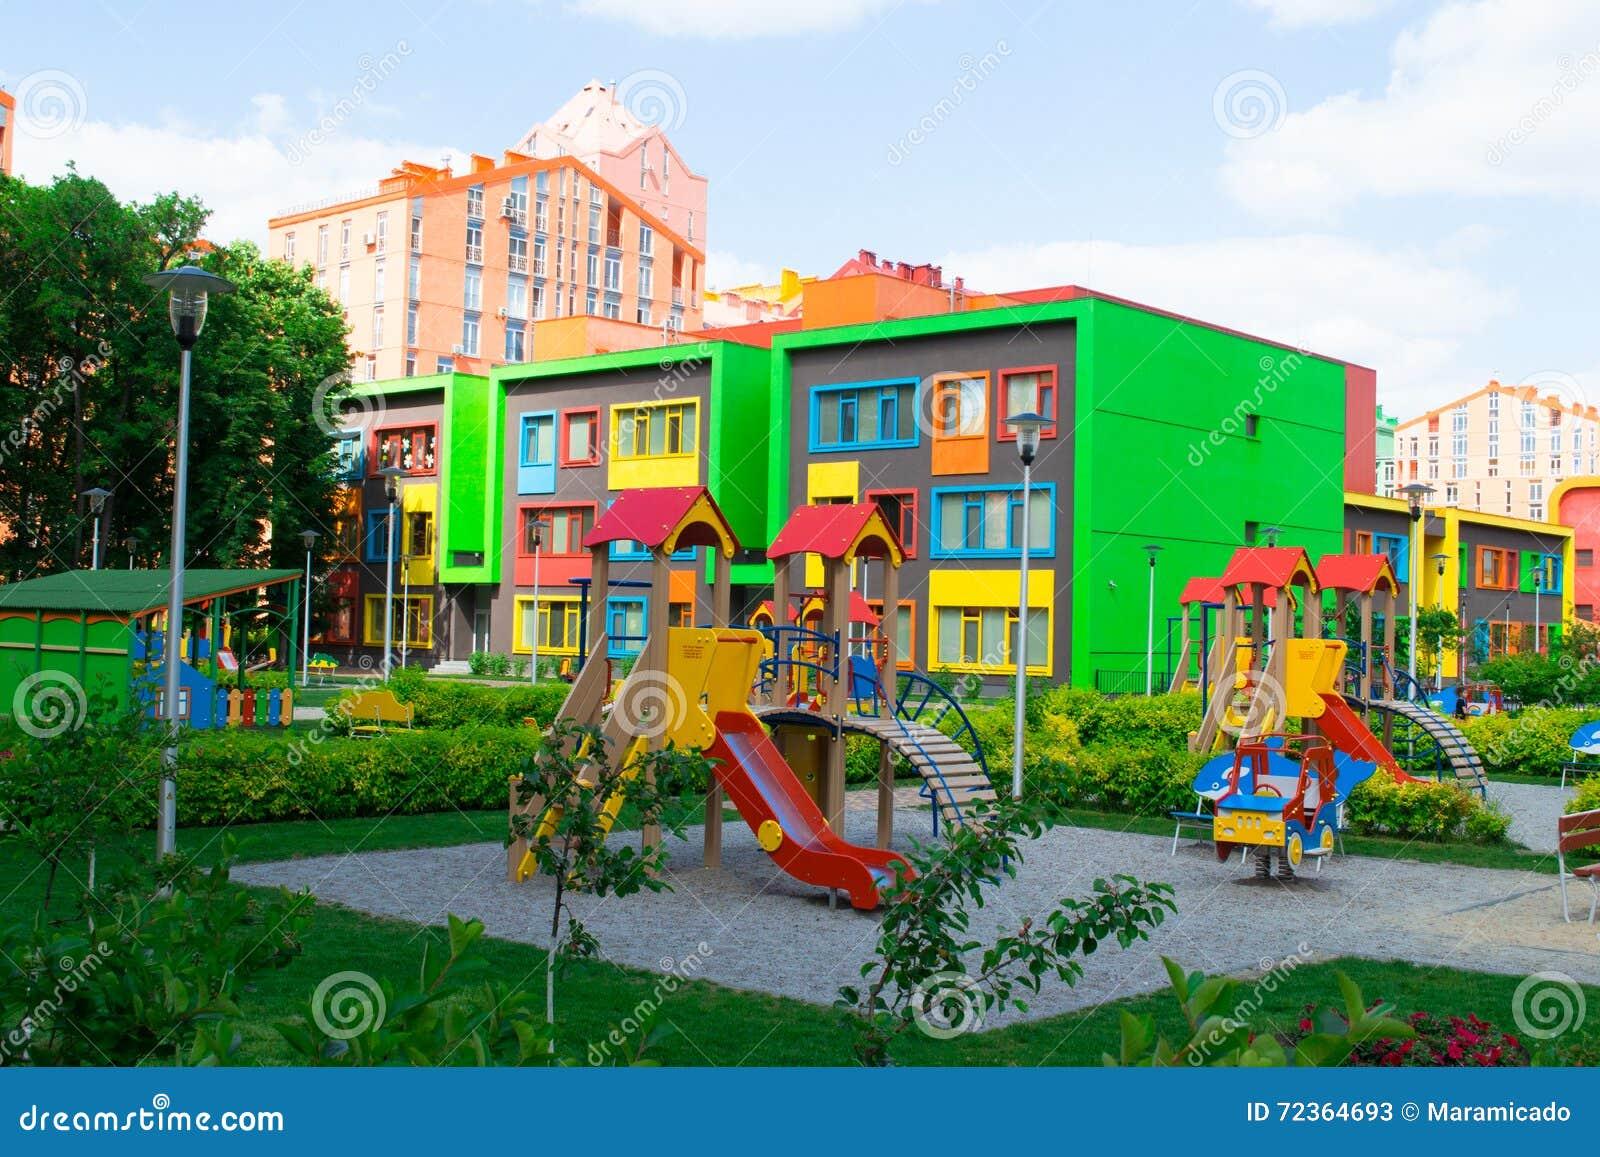 how to build a kindergarten school